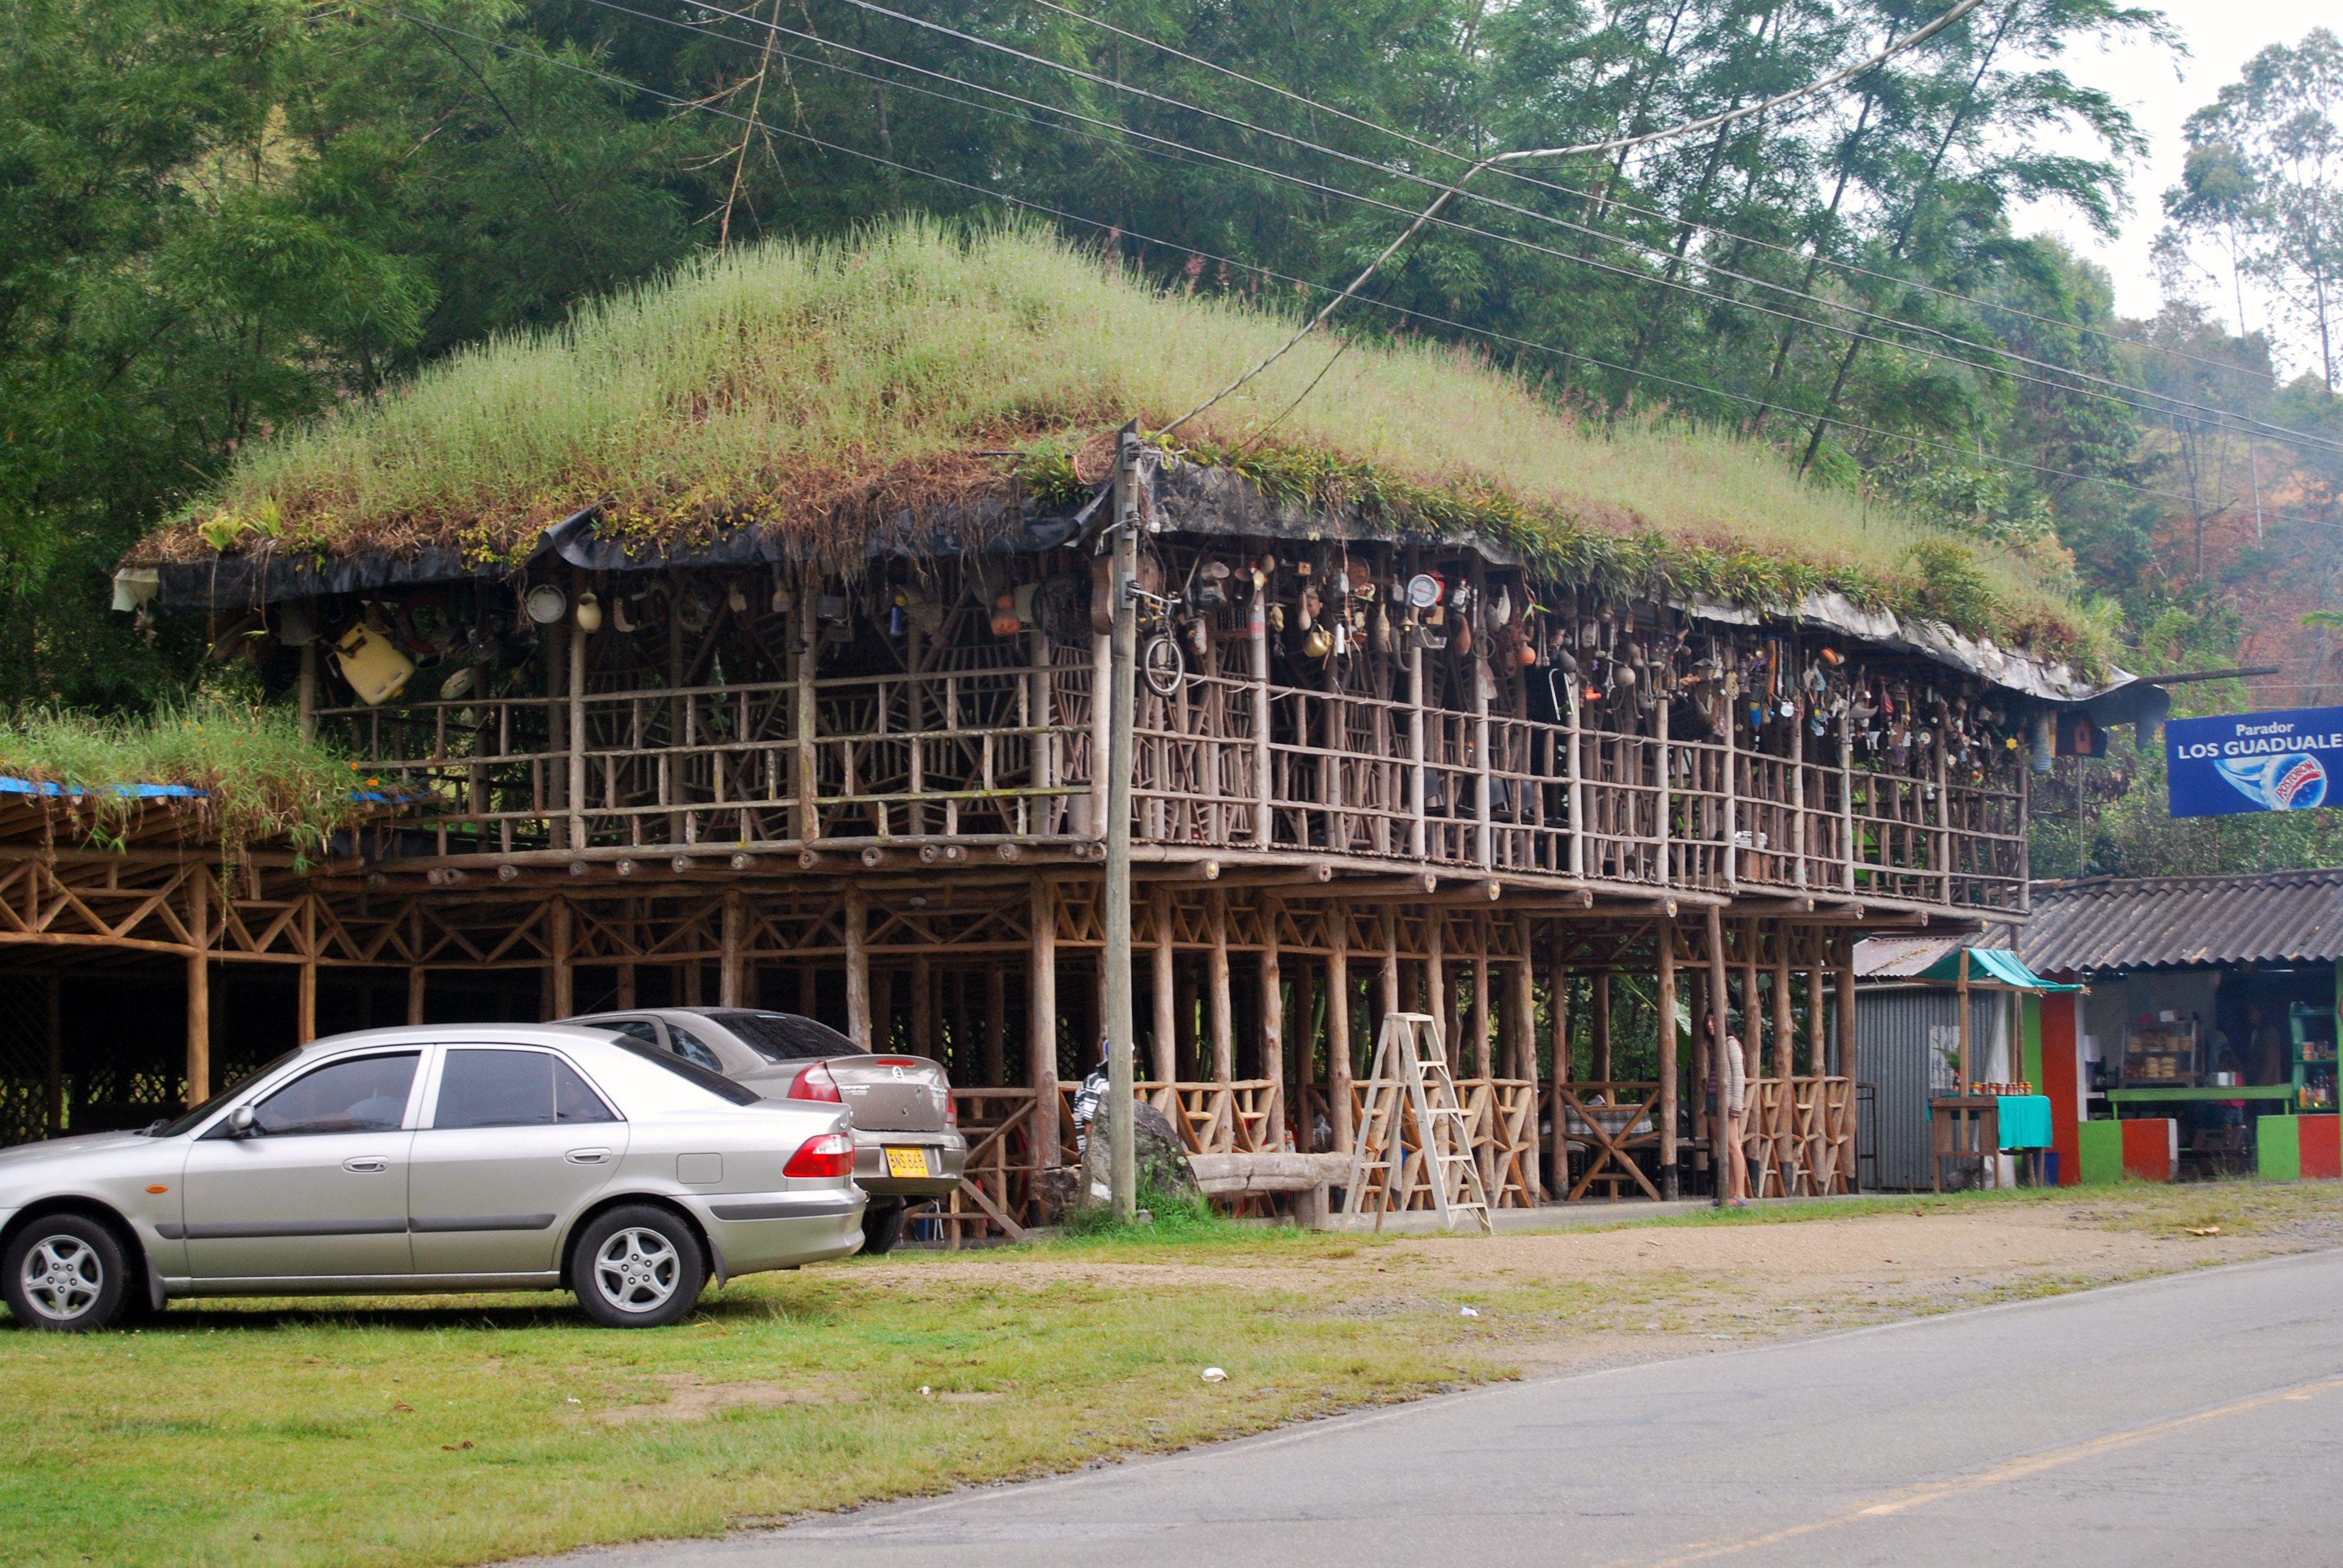 Casa ecolgica con techo en csped y estructura en guadua y en madera de rbol loco Montanoa